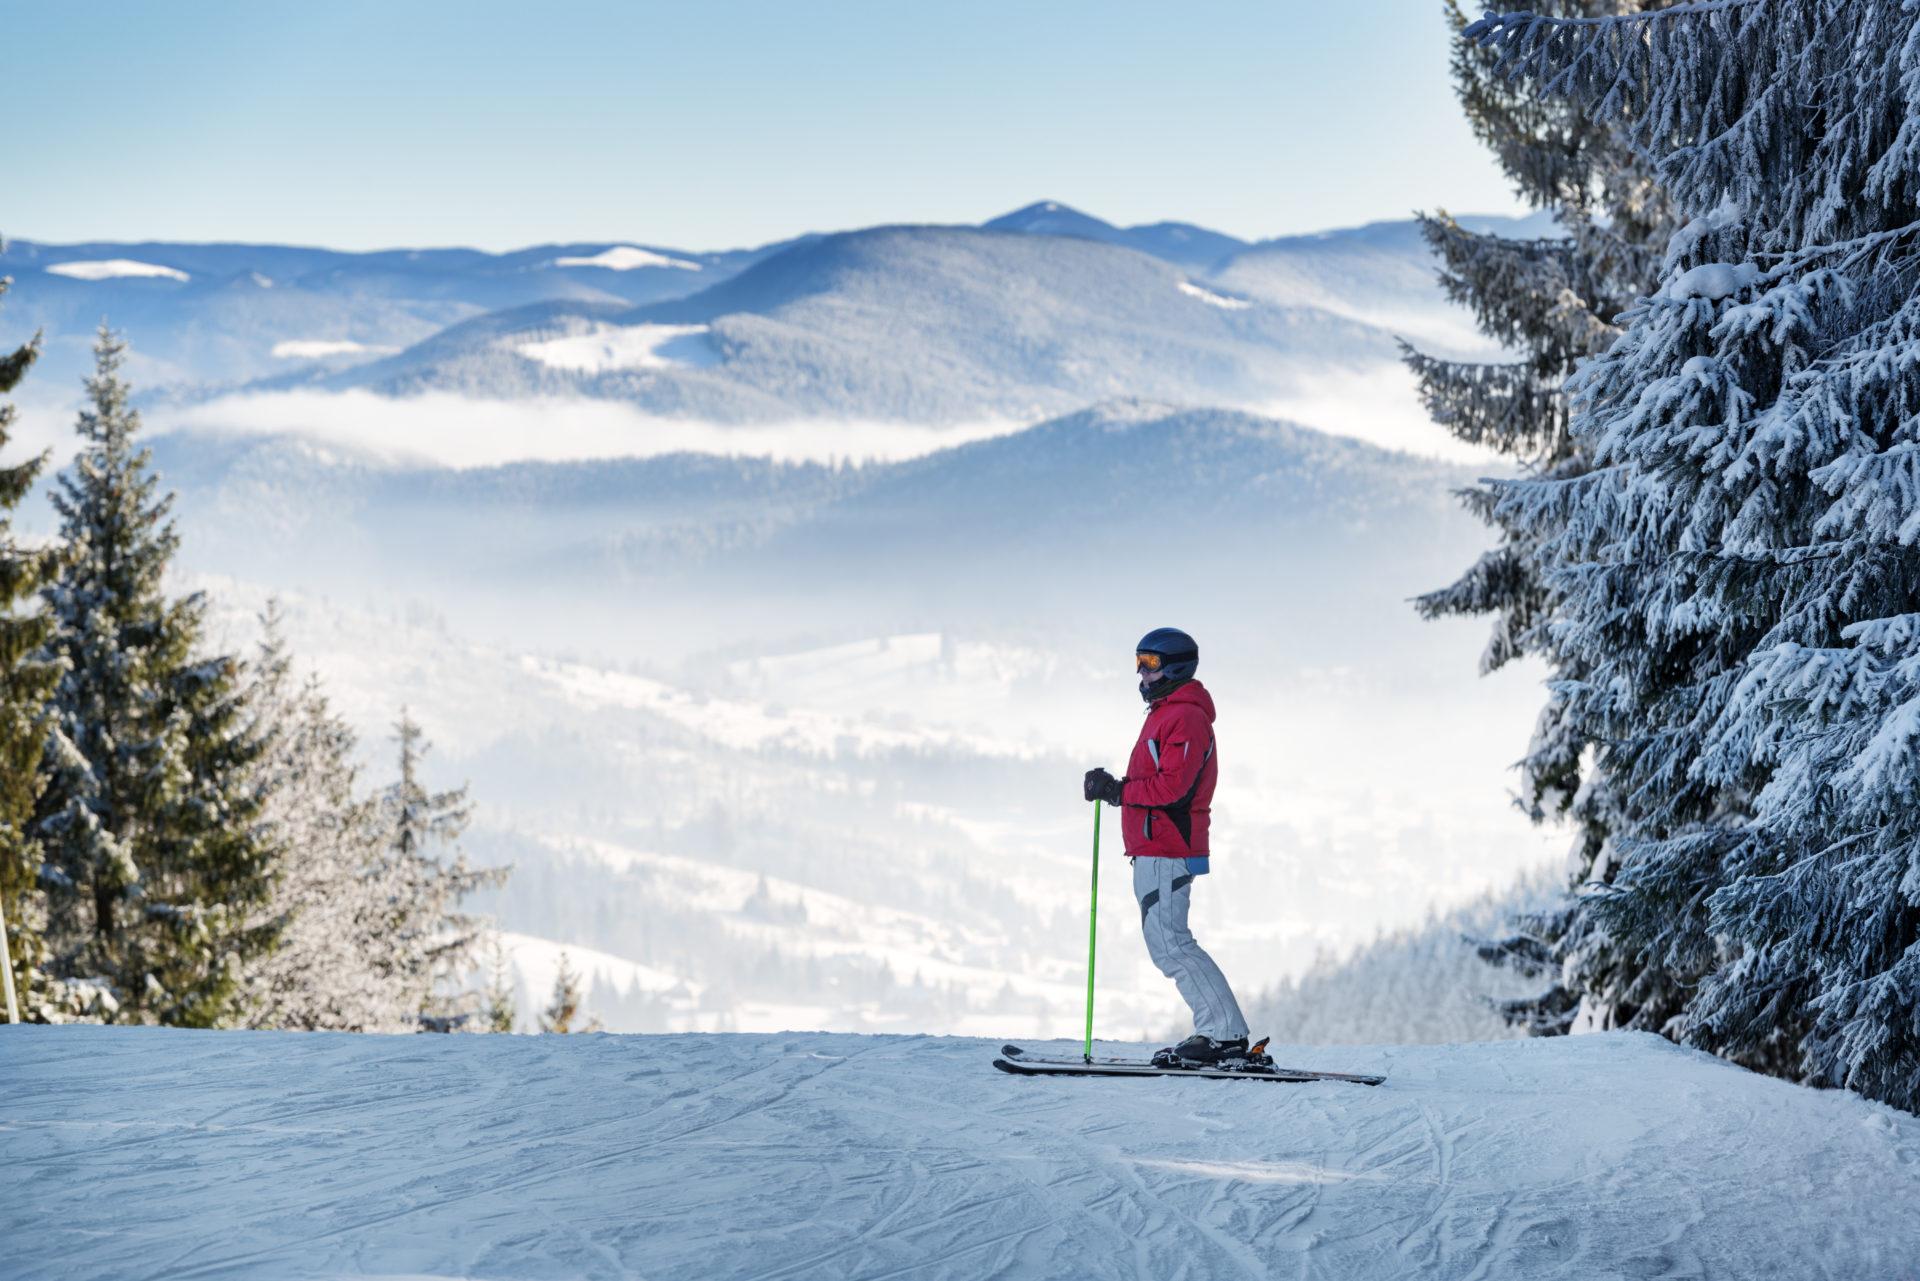 Skieur en haut de la montagne sur le massif des Vosges